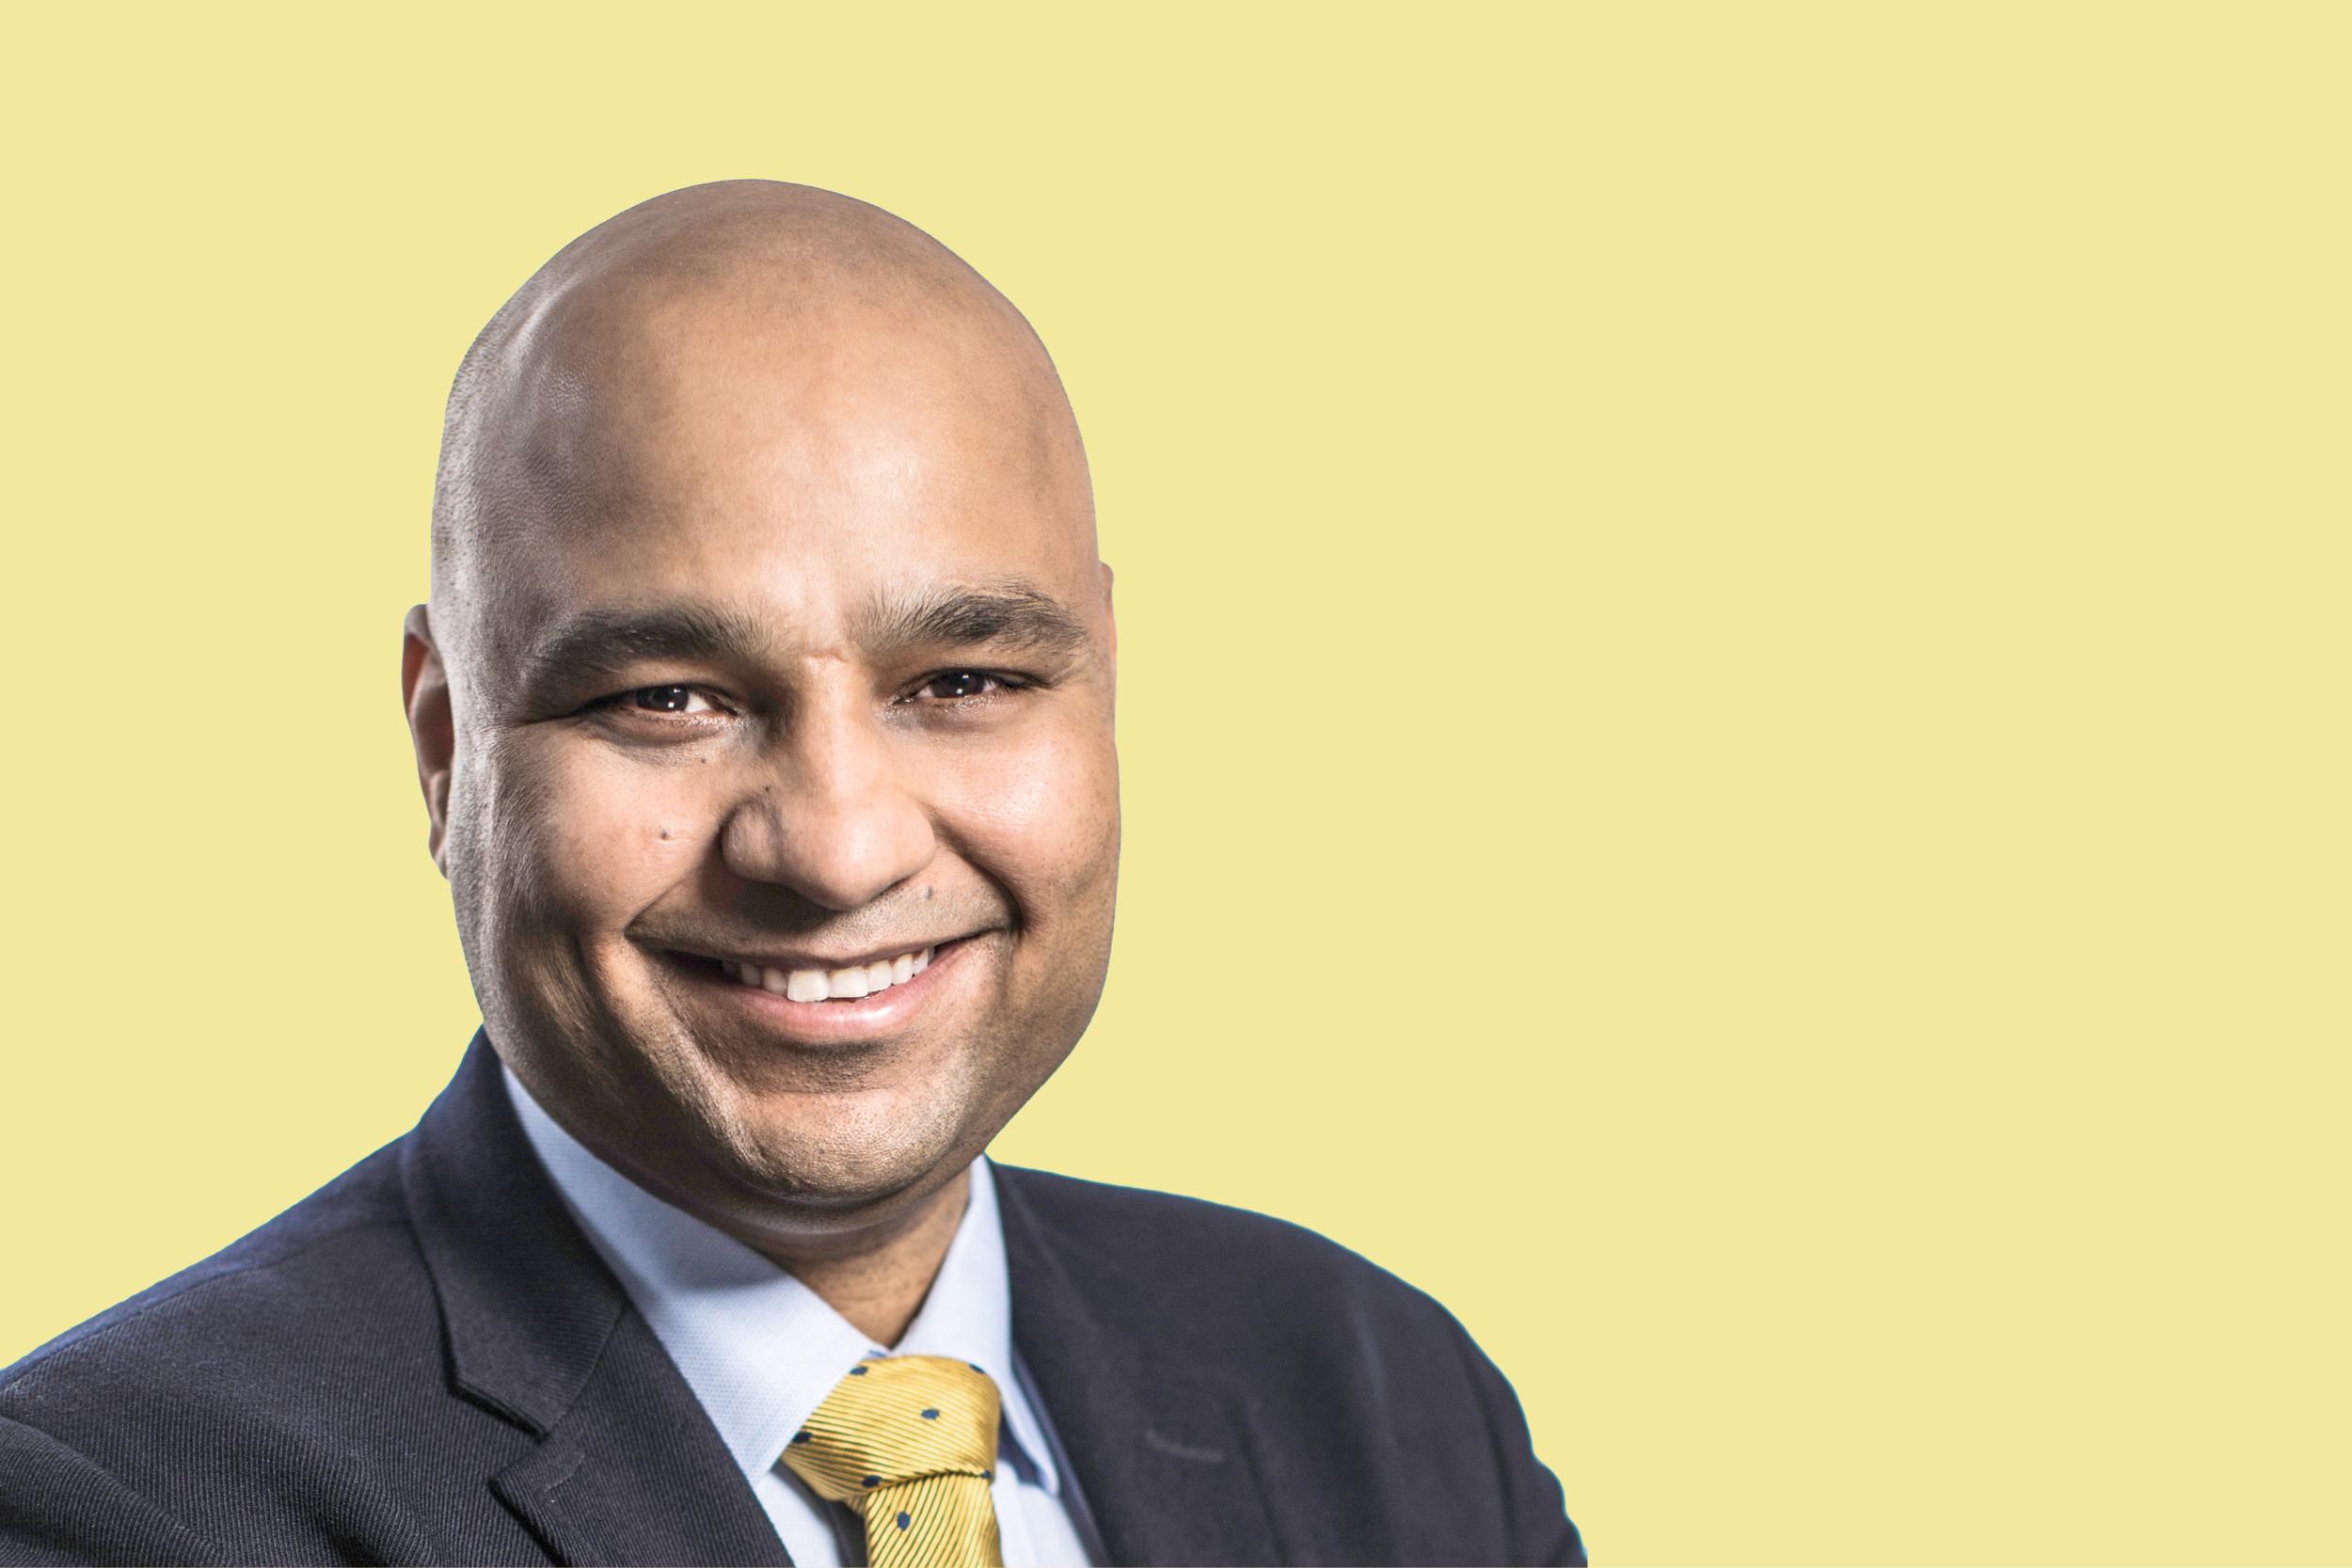 Rishi Daga | CEO, EagleView, US